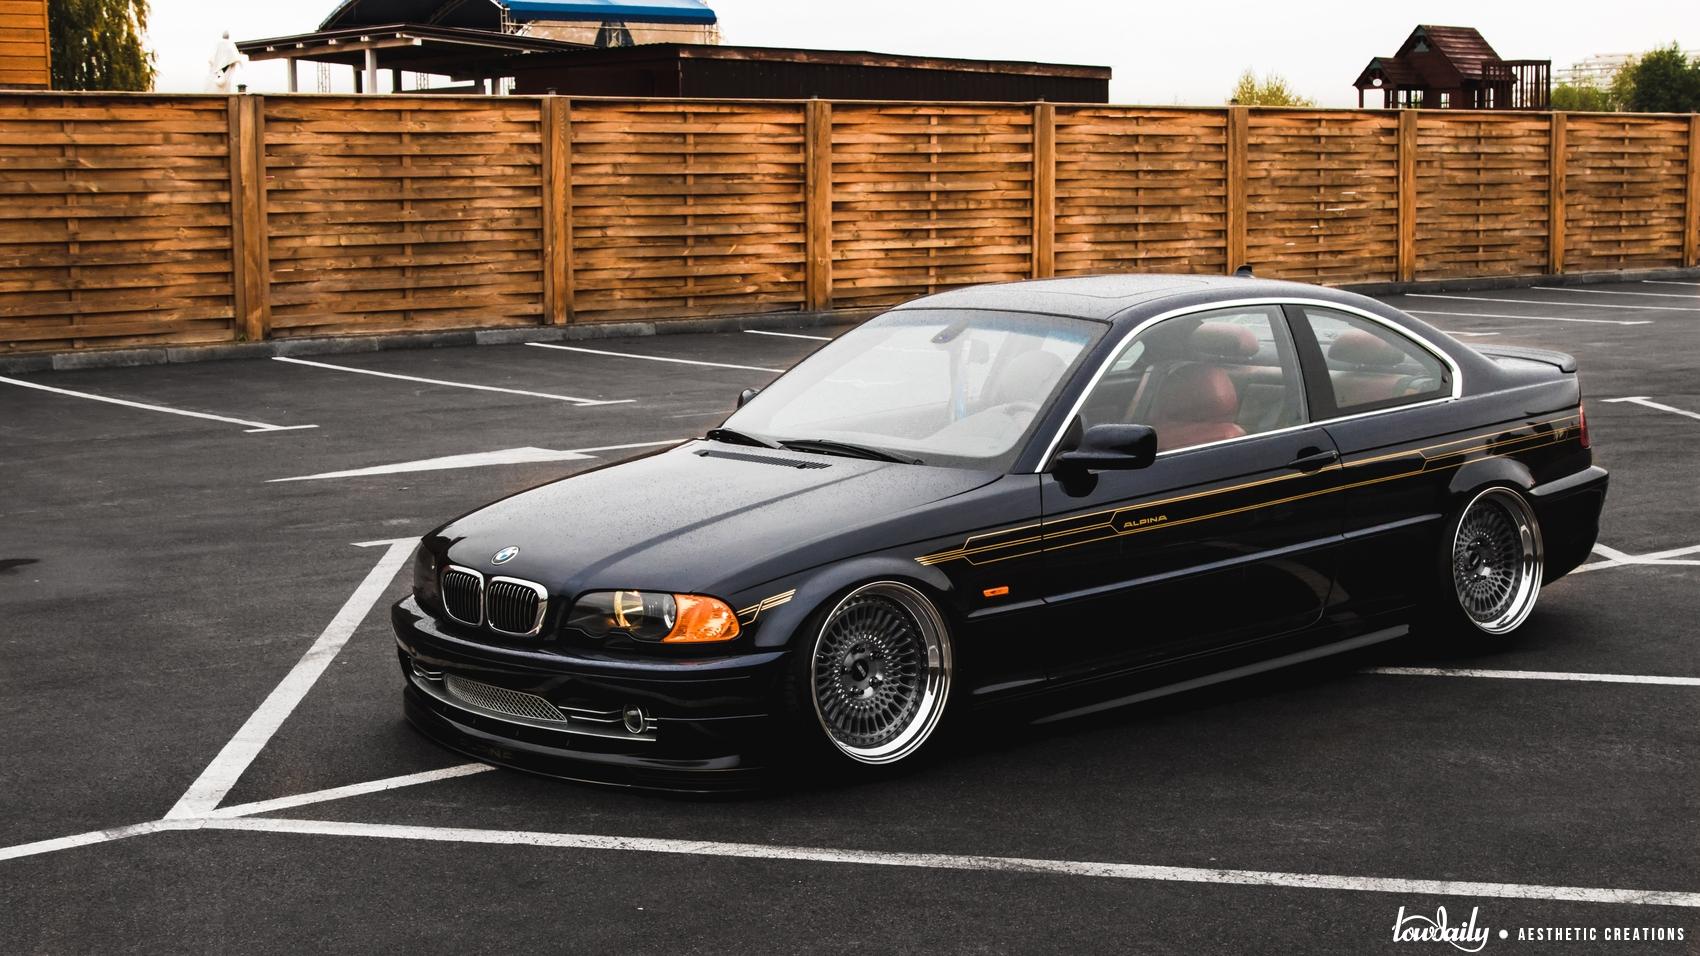 BMW E46 Alpina Lowdaily IMG_4855-5